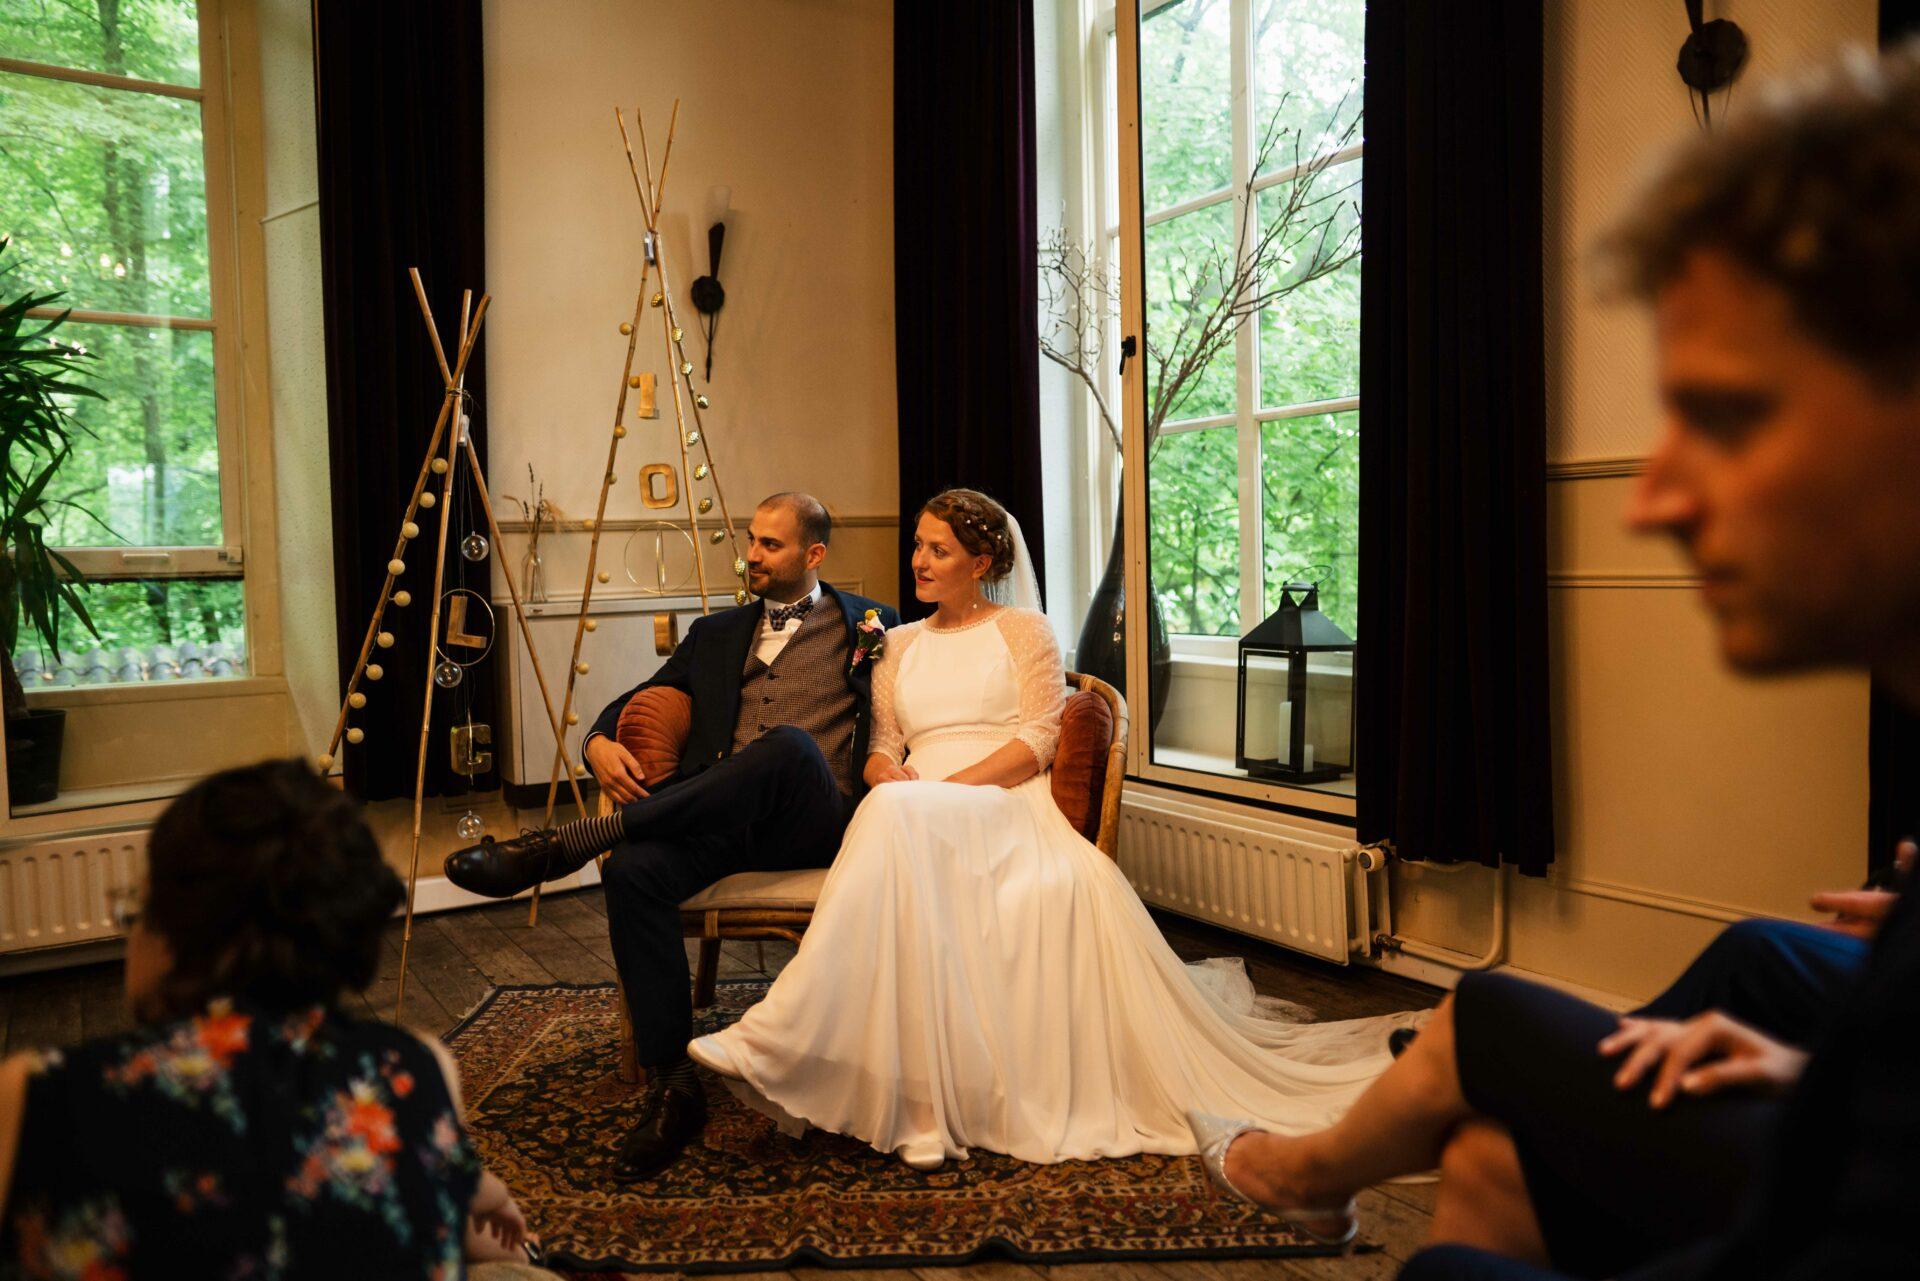 Ceremonie trouwen